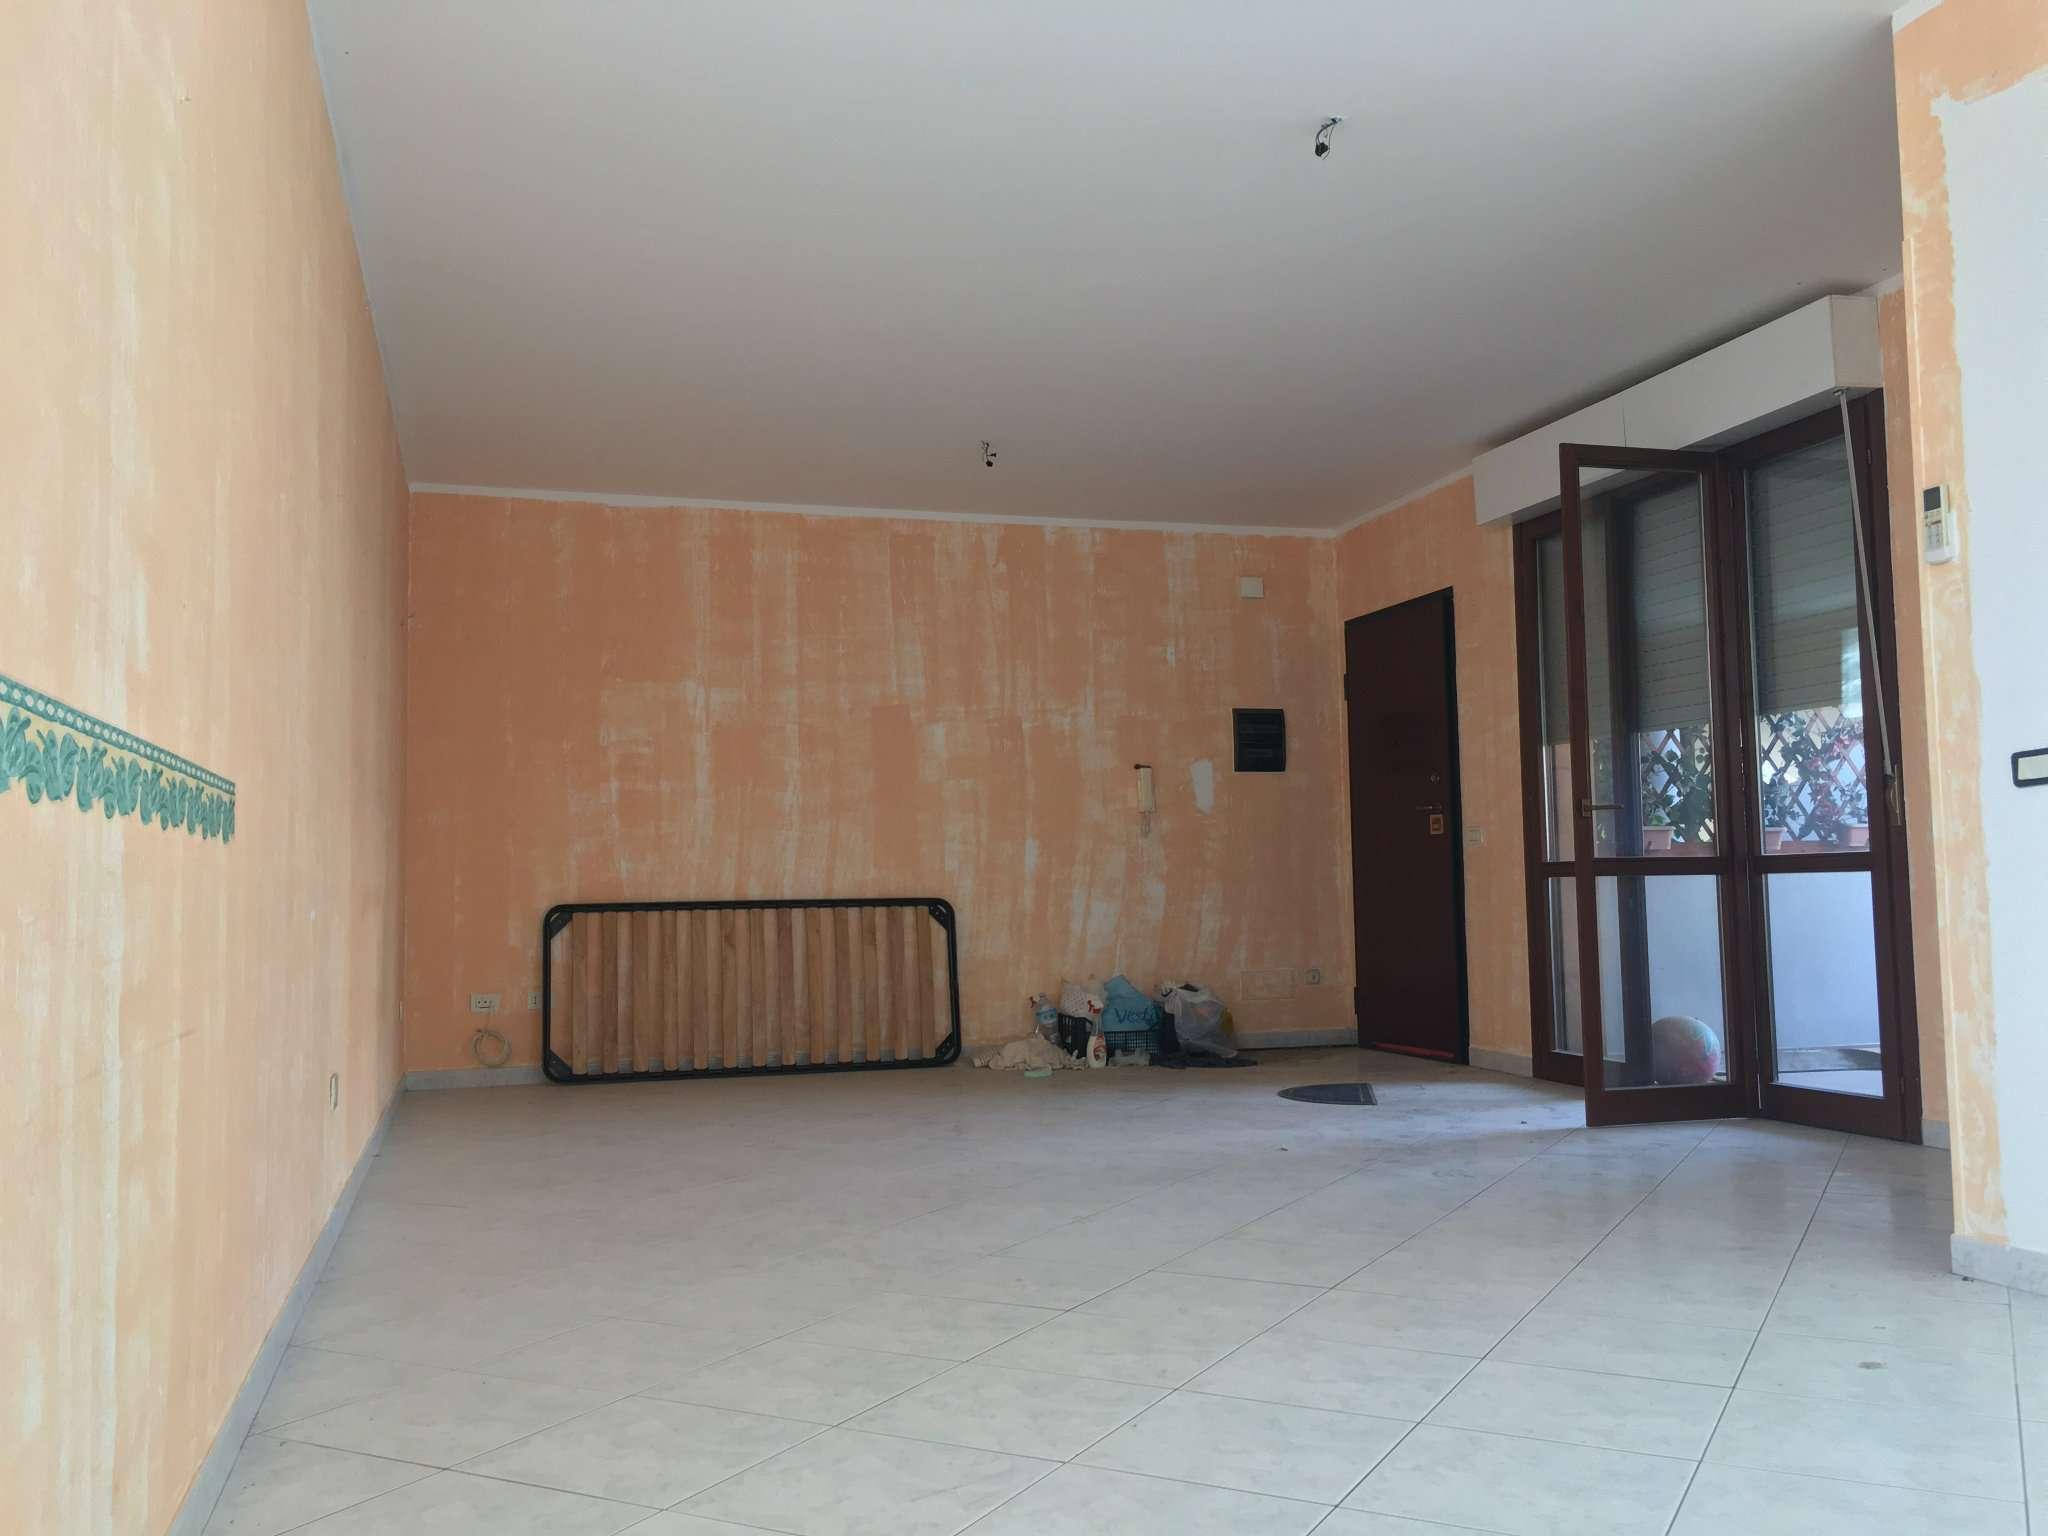 Appartamento in vendita a Sinnai, 4 locali, prezzo € 110.000   Cambio Casa.it